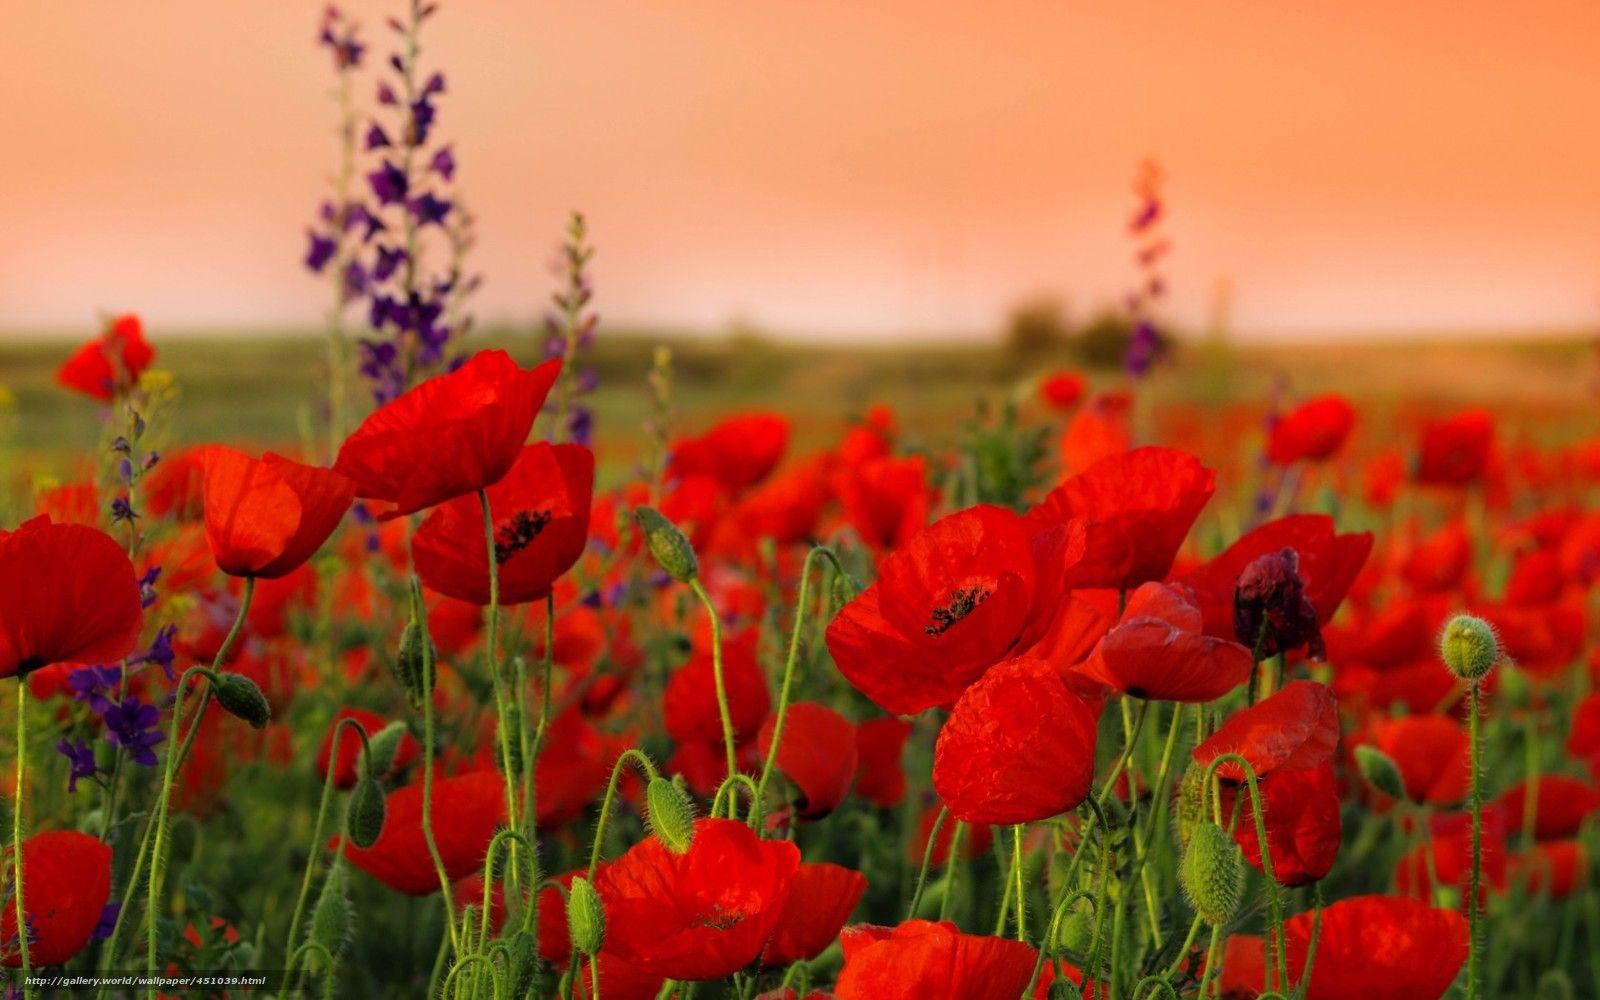 Fonds Decran Paysage Nature Fond Decran Hd Wallpaper Hq Photo Coquelicot Fleur De Pavot Papier Peint A Fleurs